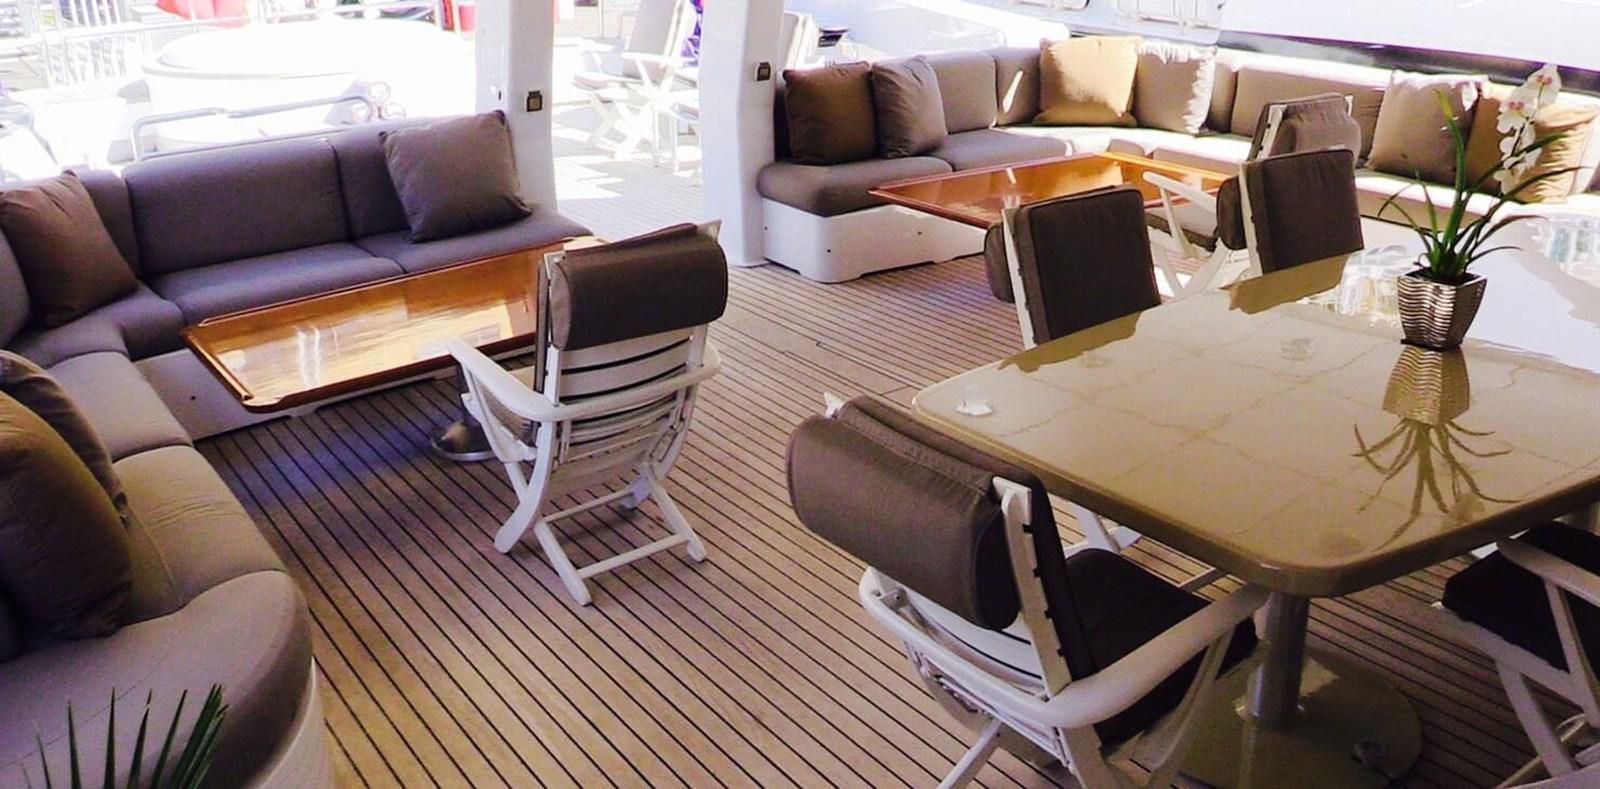 Costa Magna - Ouutdoor area 1983 PROTEKSAN  Motor Yacht 2852022